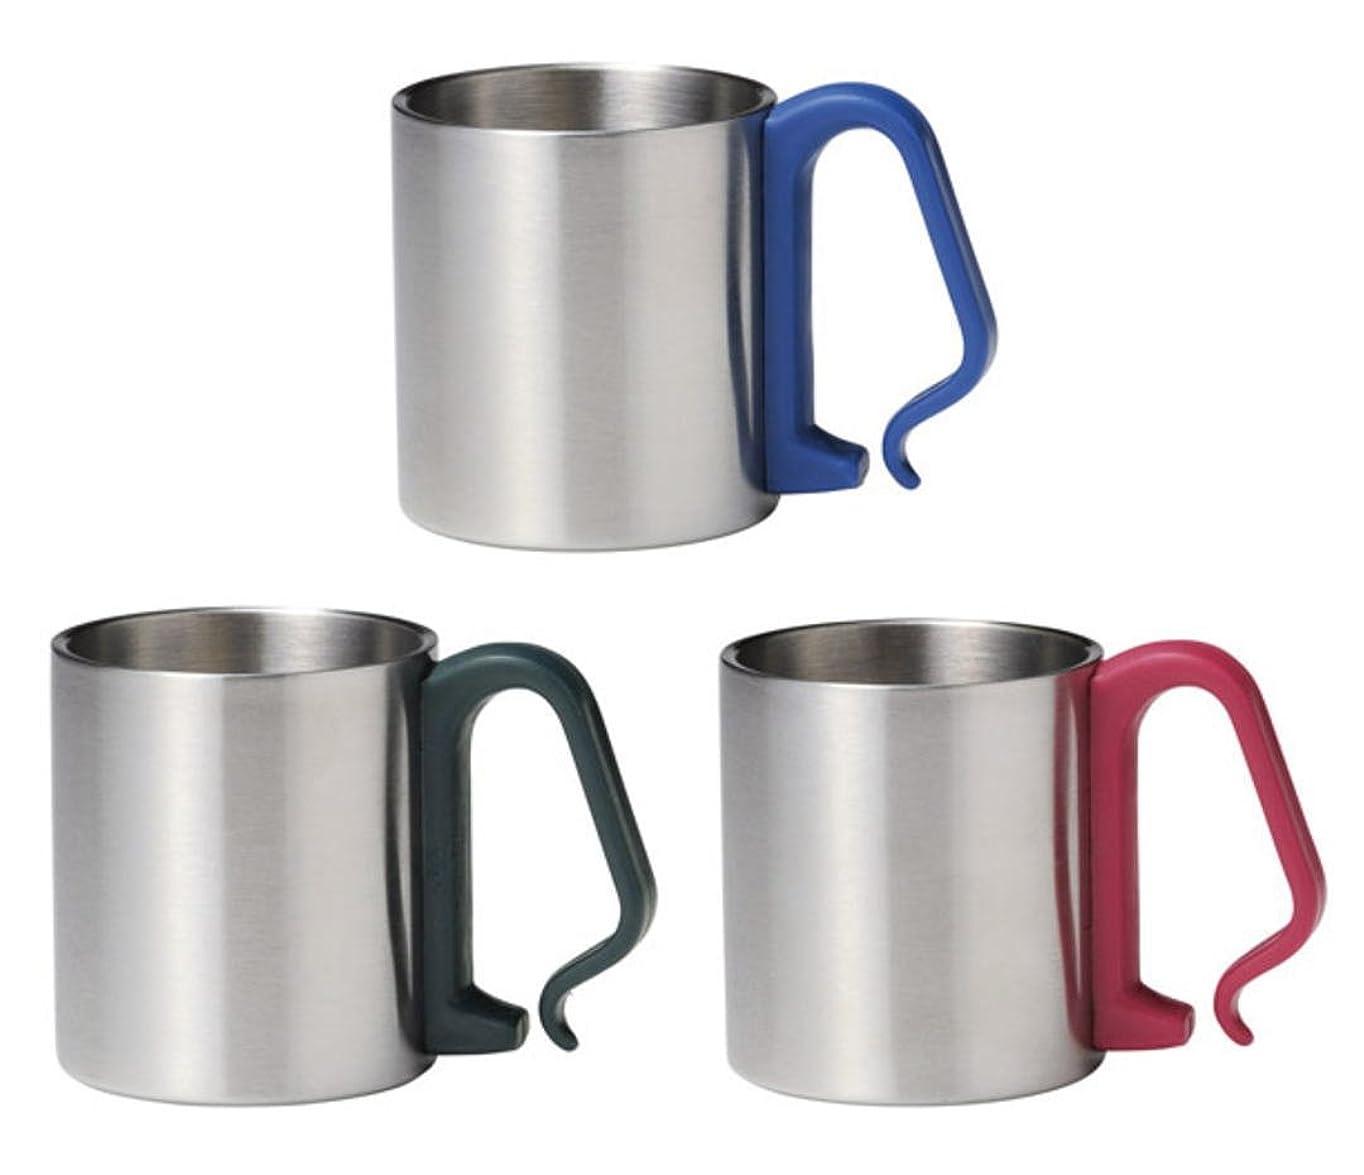 リゾート唇九時四十五分ステンレスマグカップ 3個セット(ブルー レッド グリーン)持ち手がカラビナ形状 リュックやロープに付けられます ステンマグ アウトドア 登山 キャンプ